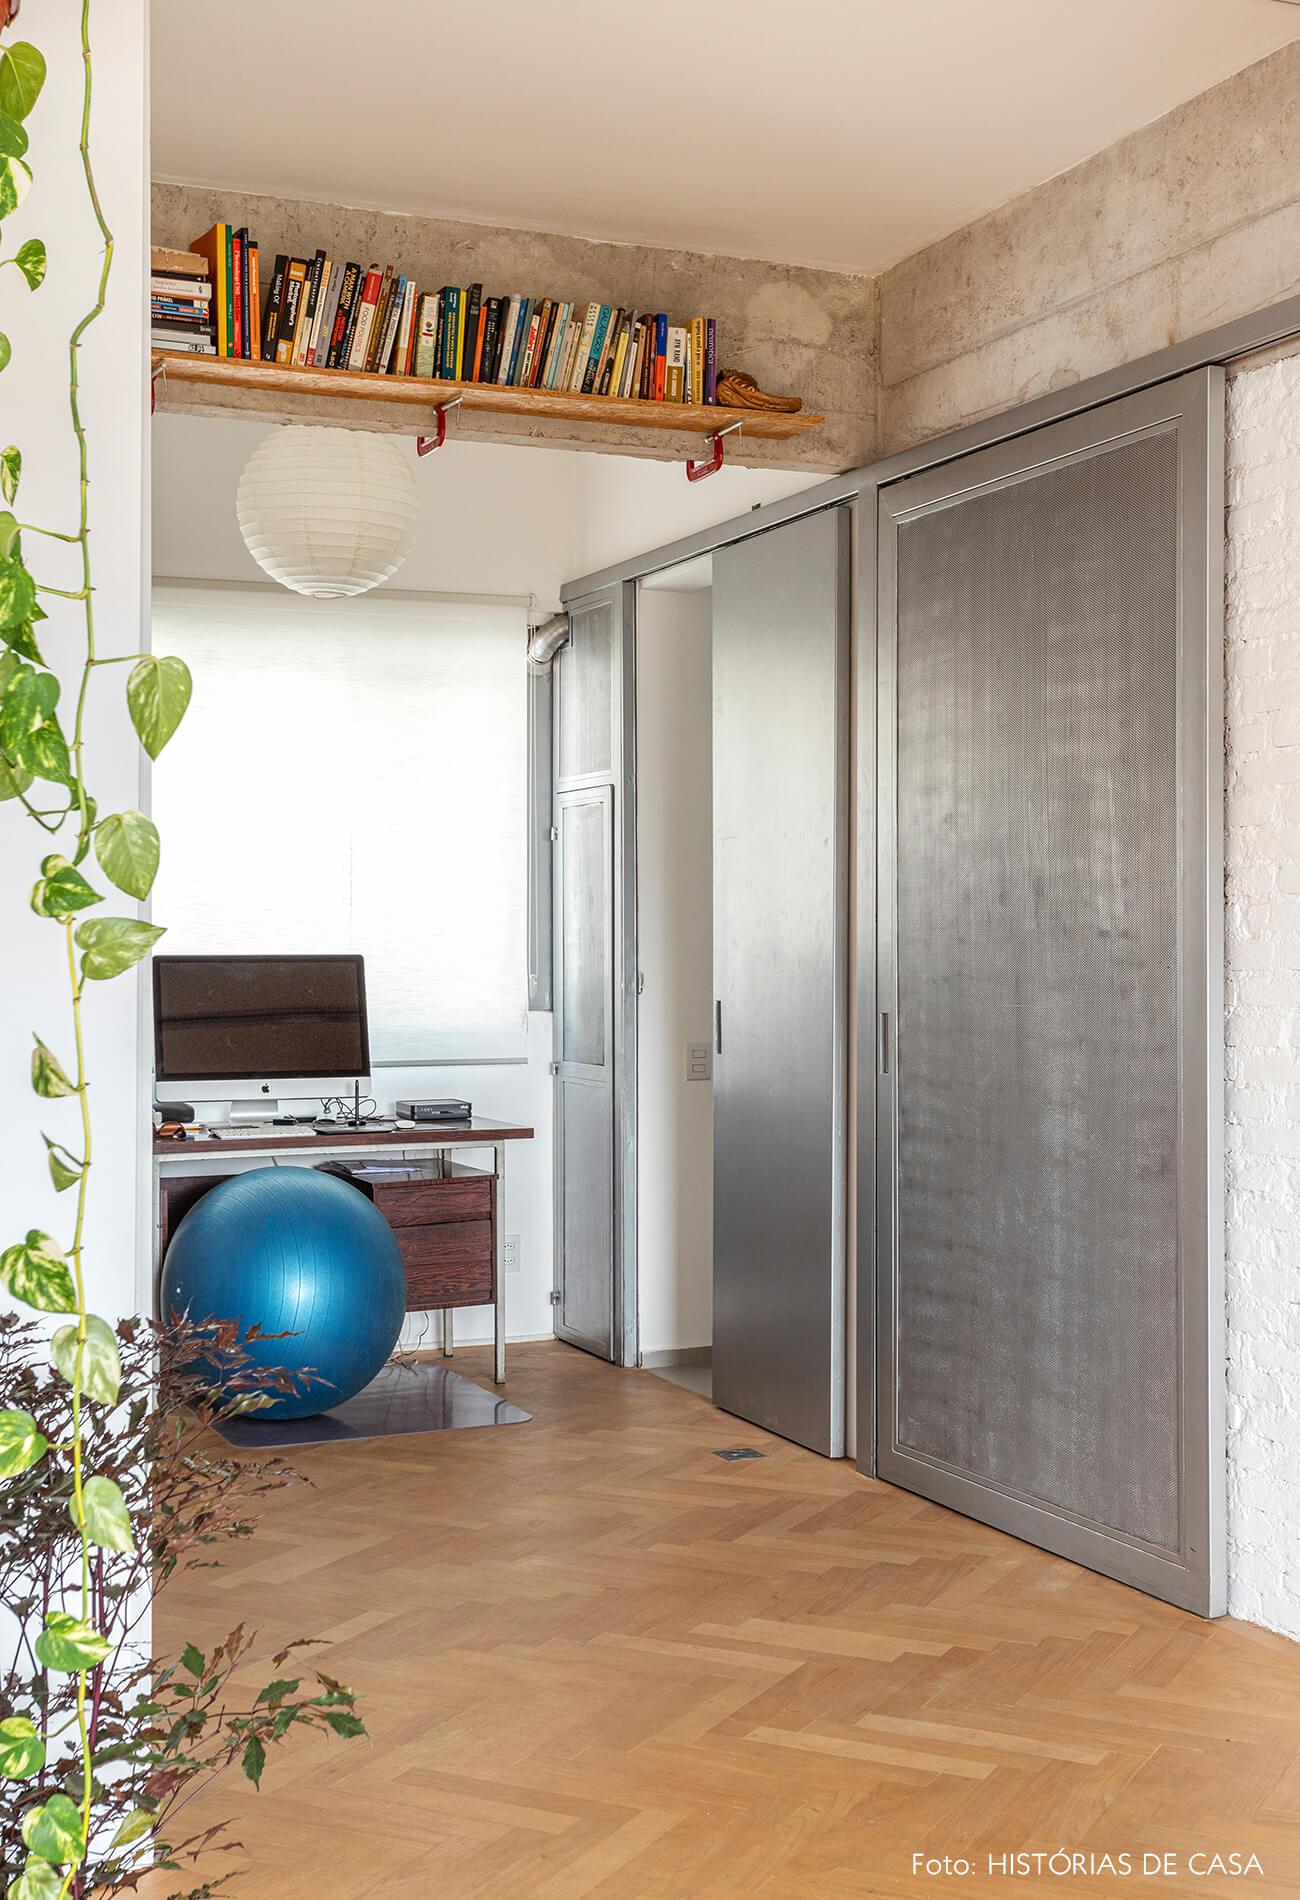 Apartamento integrado com parede de tijolinho branco e portas metálicas